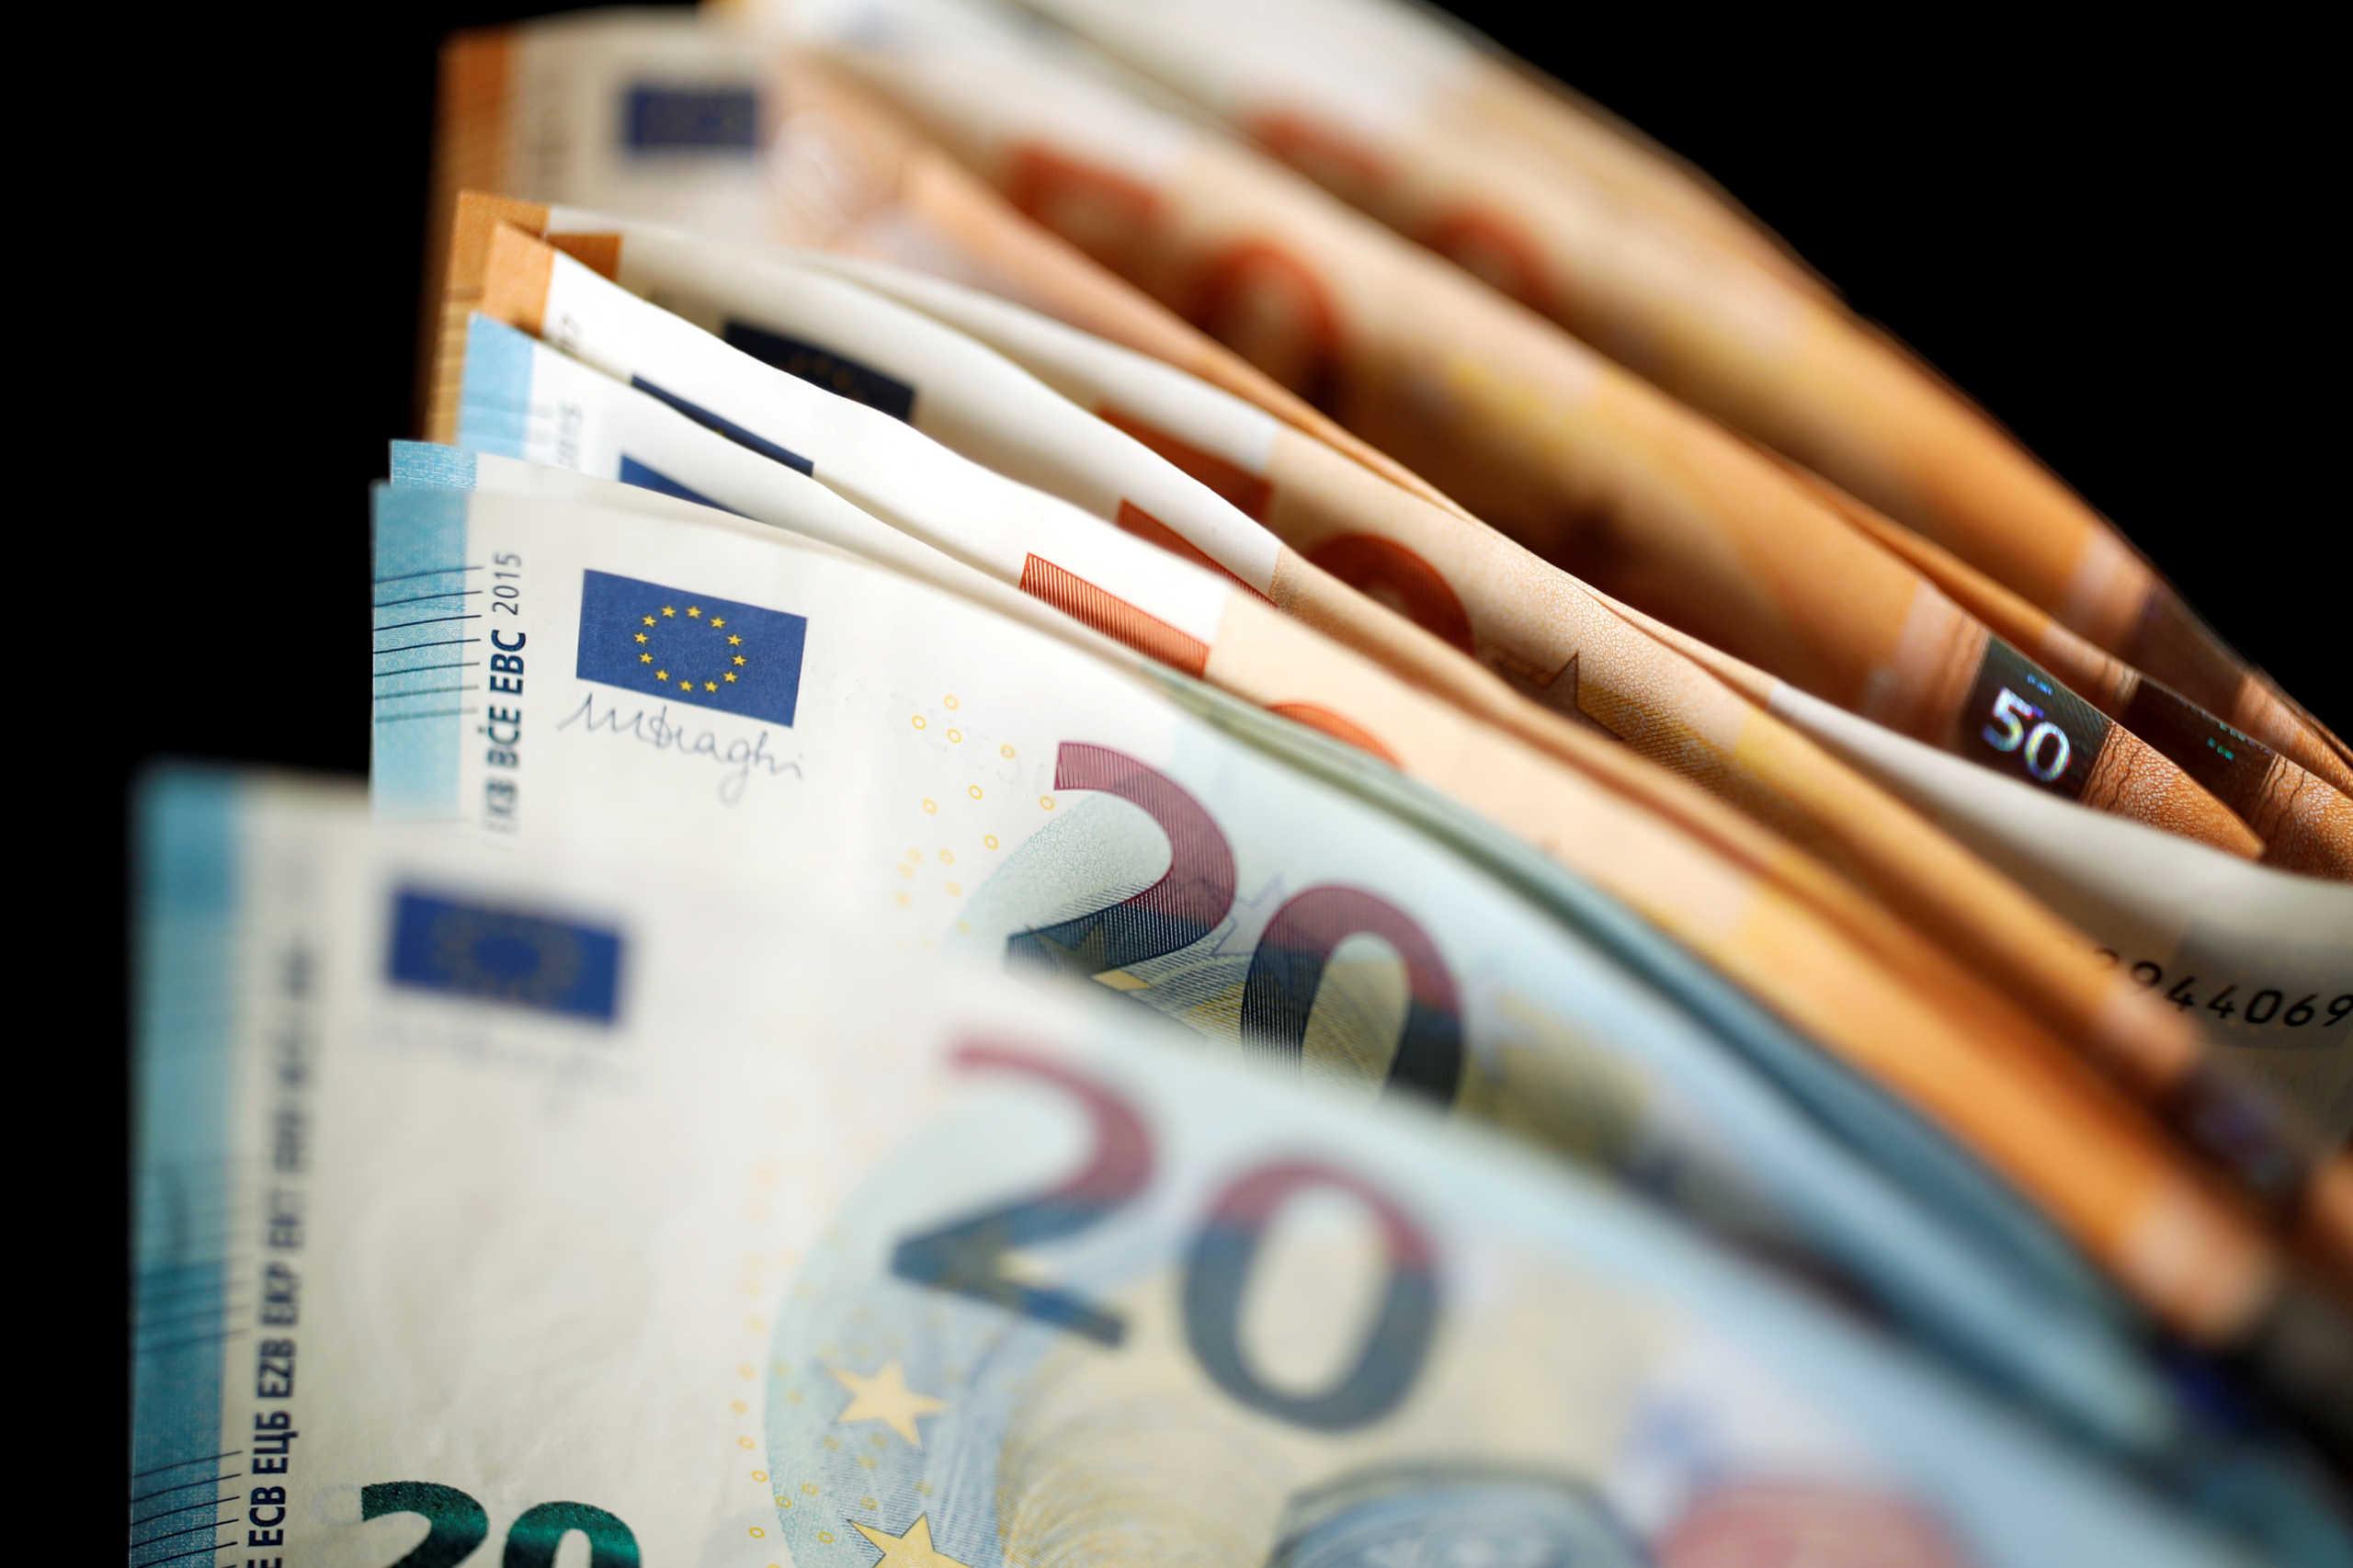 Επιστρεπτέα προκαταβολή: Από κόσκινο οι αιτήσεις των 138.000 επιχειρήσεων